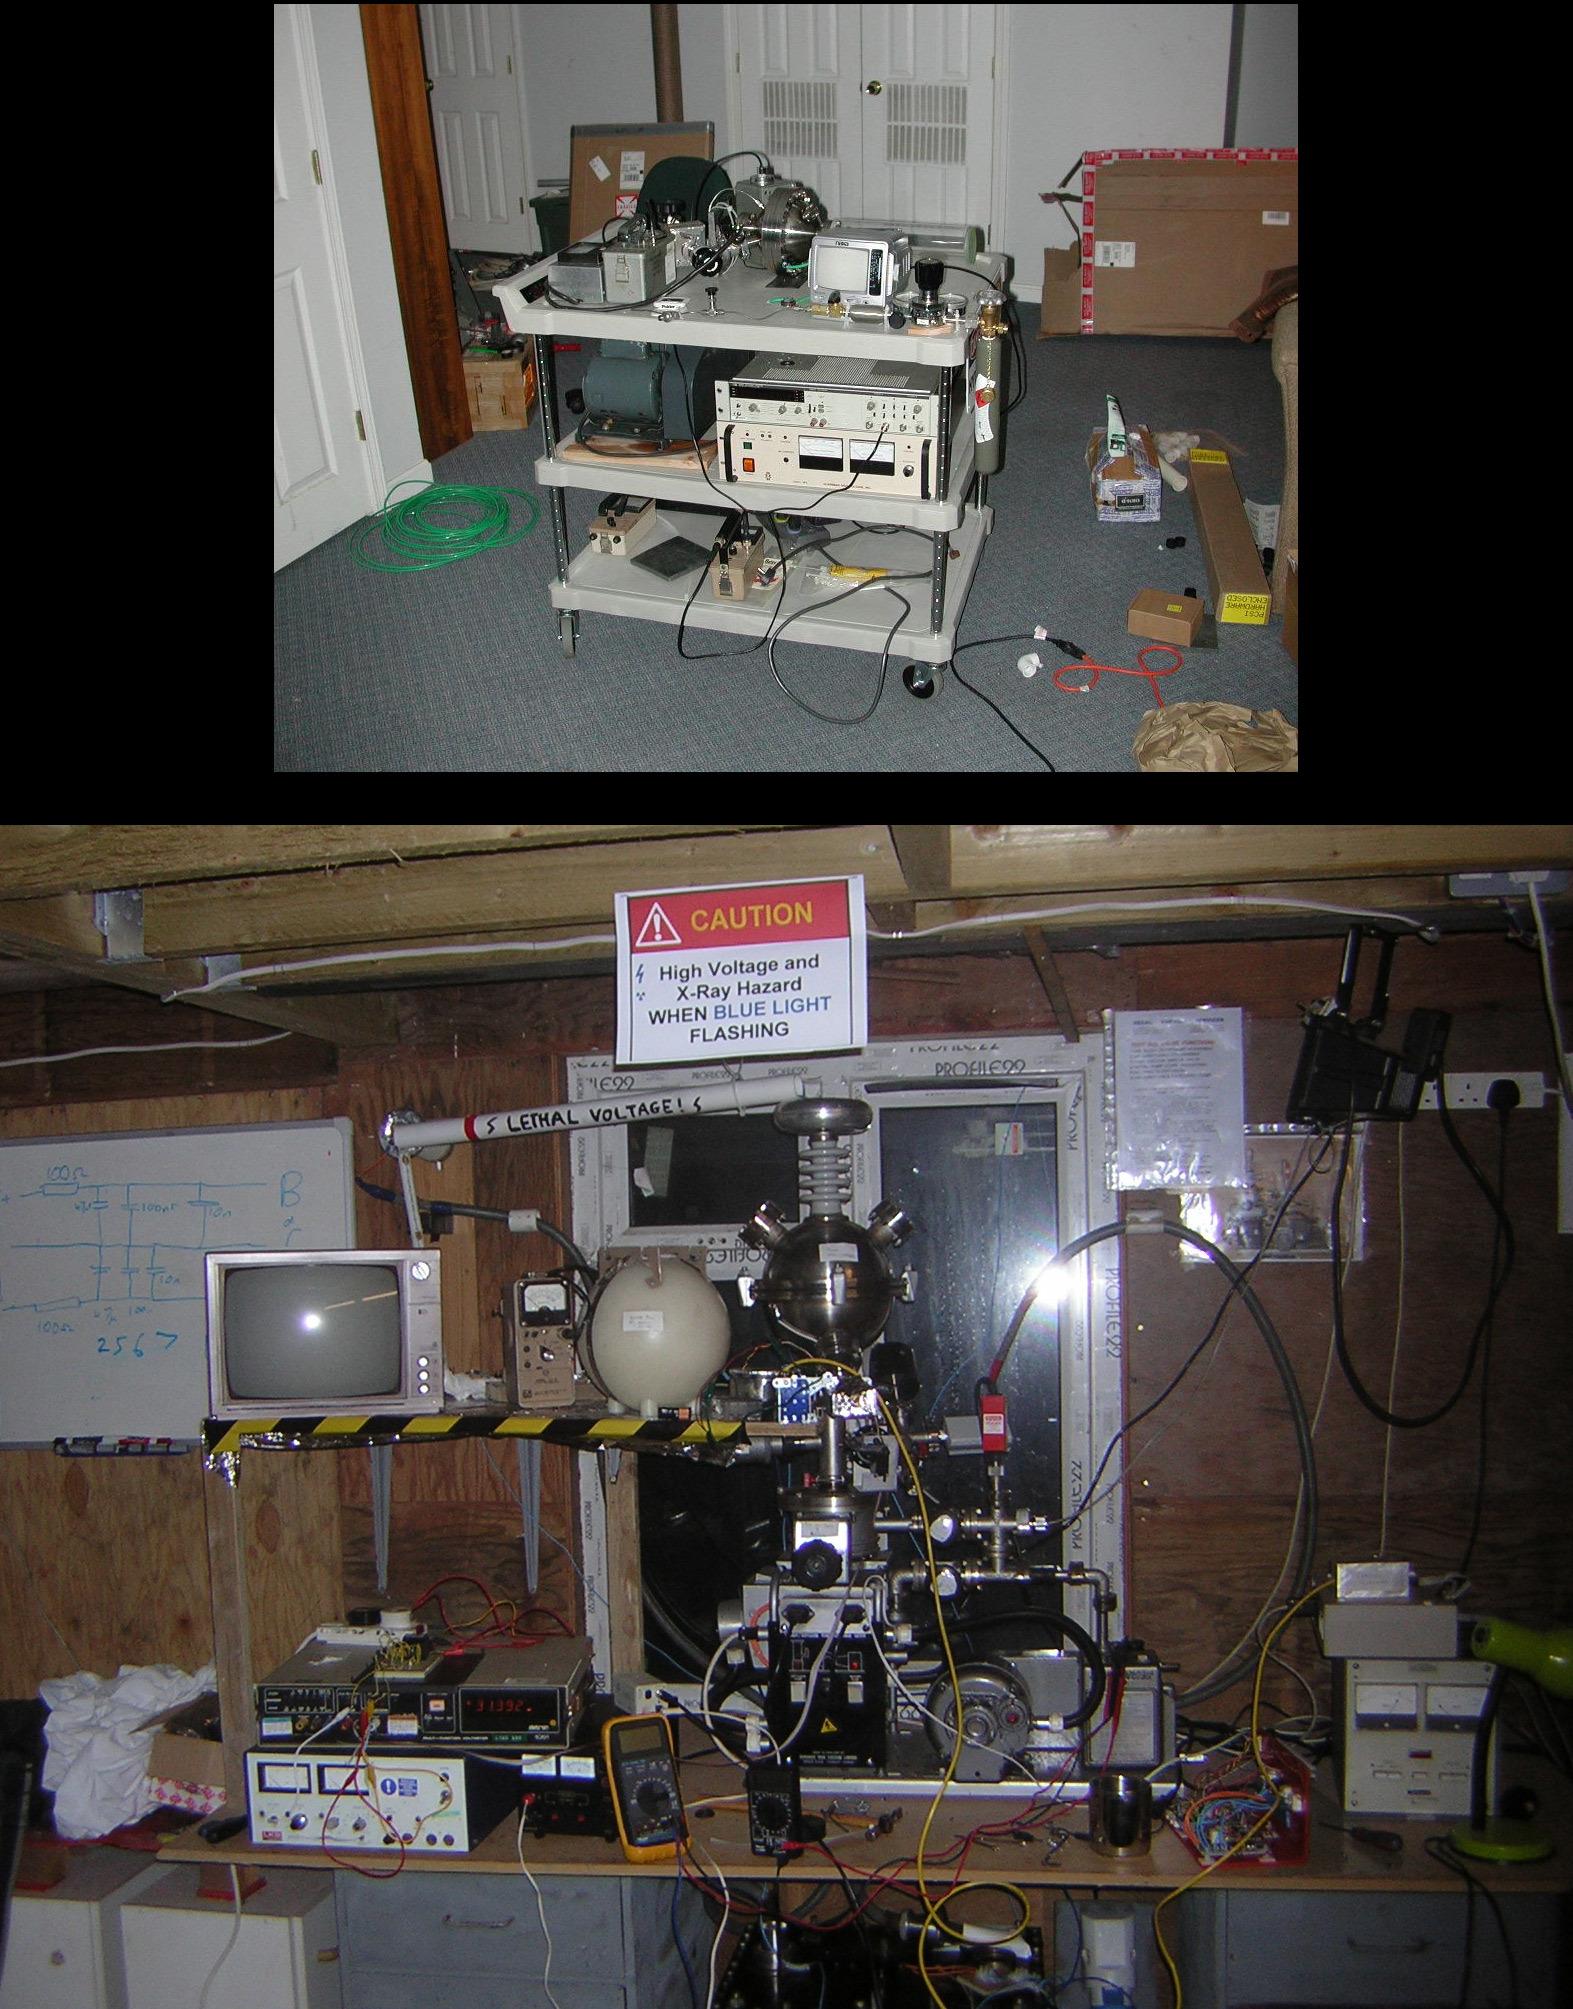 Старшеклассники собрали термоядерный реактор в гараже и ставят эксперименты - 4